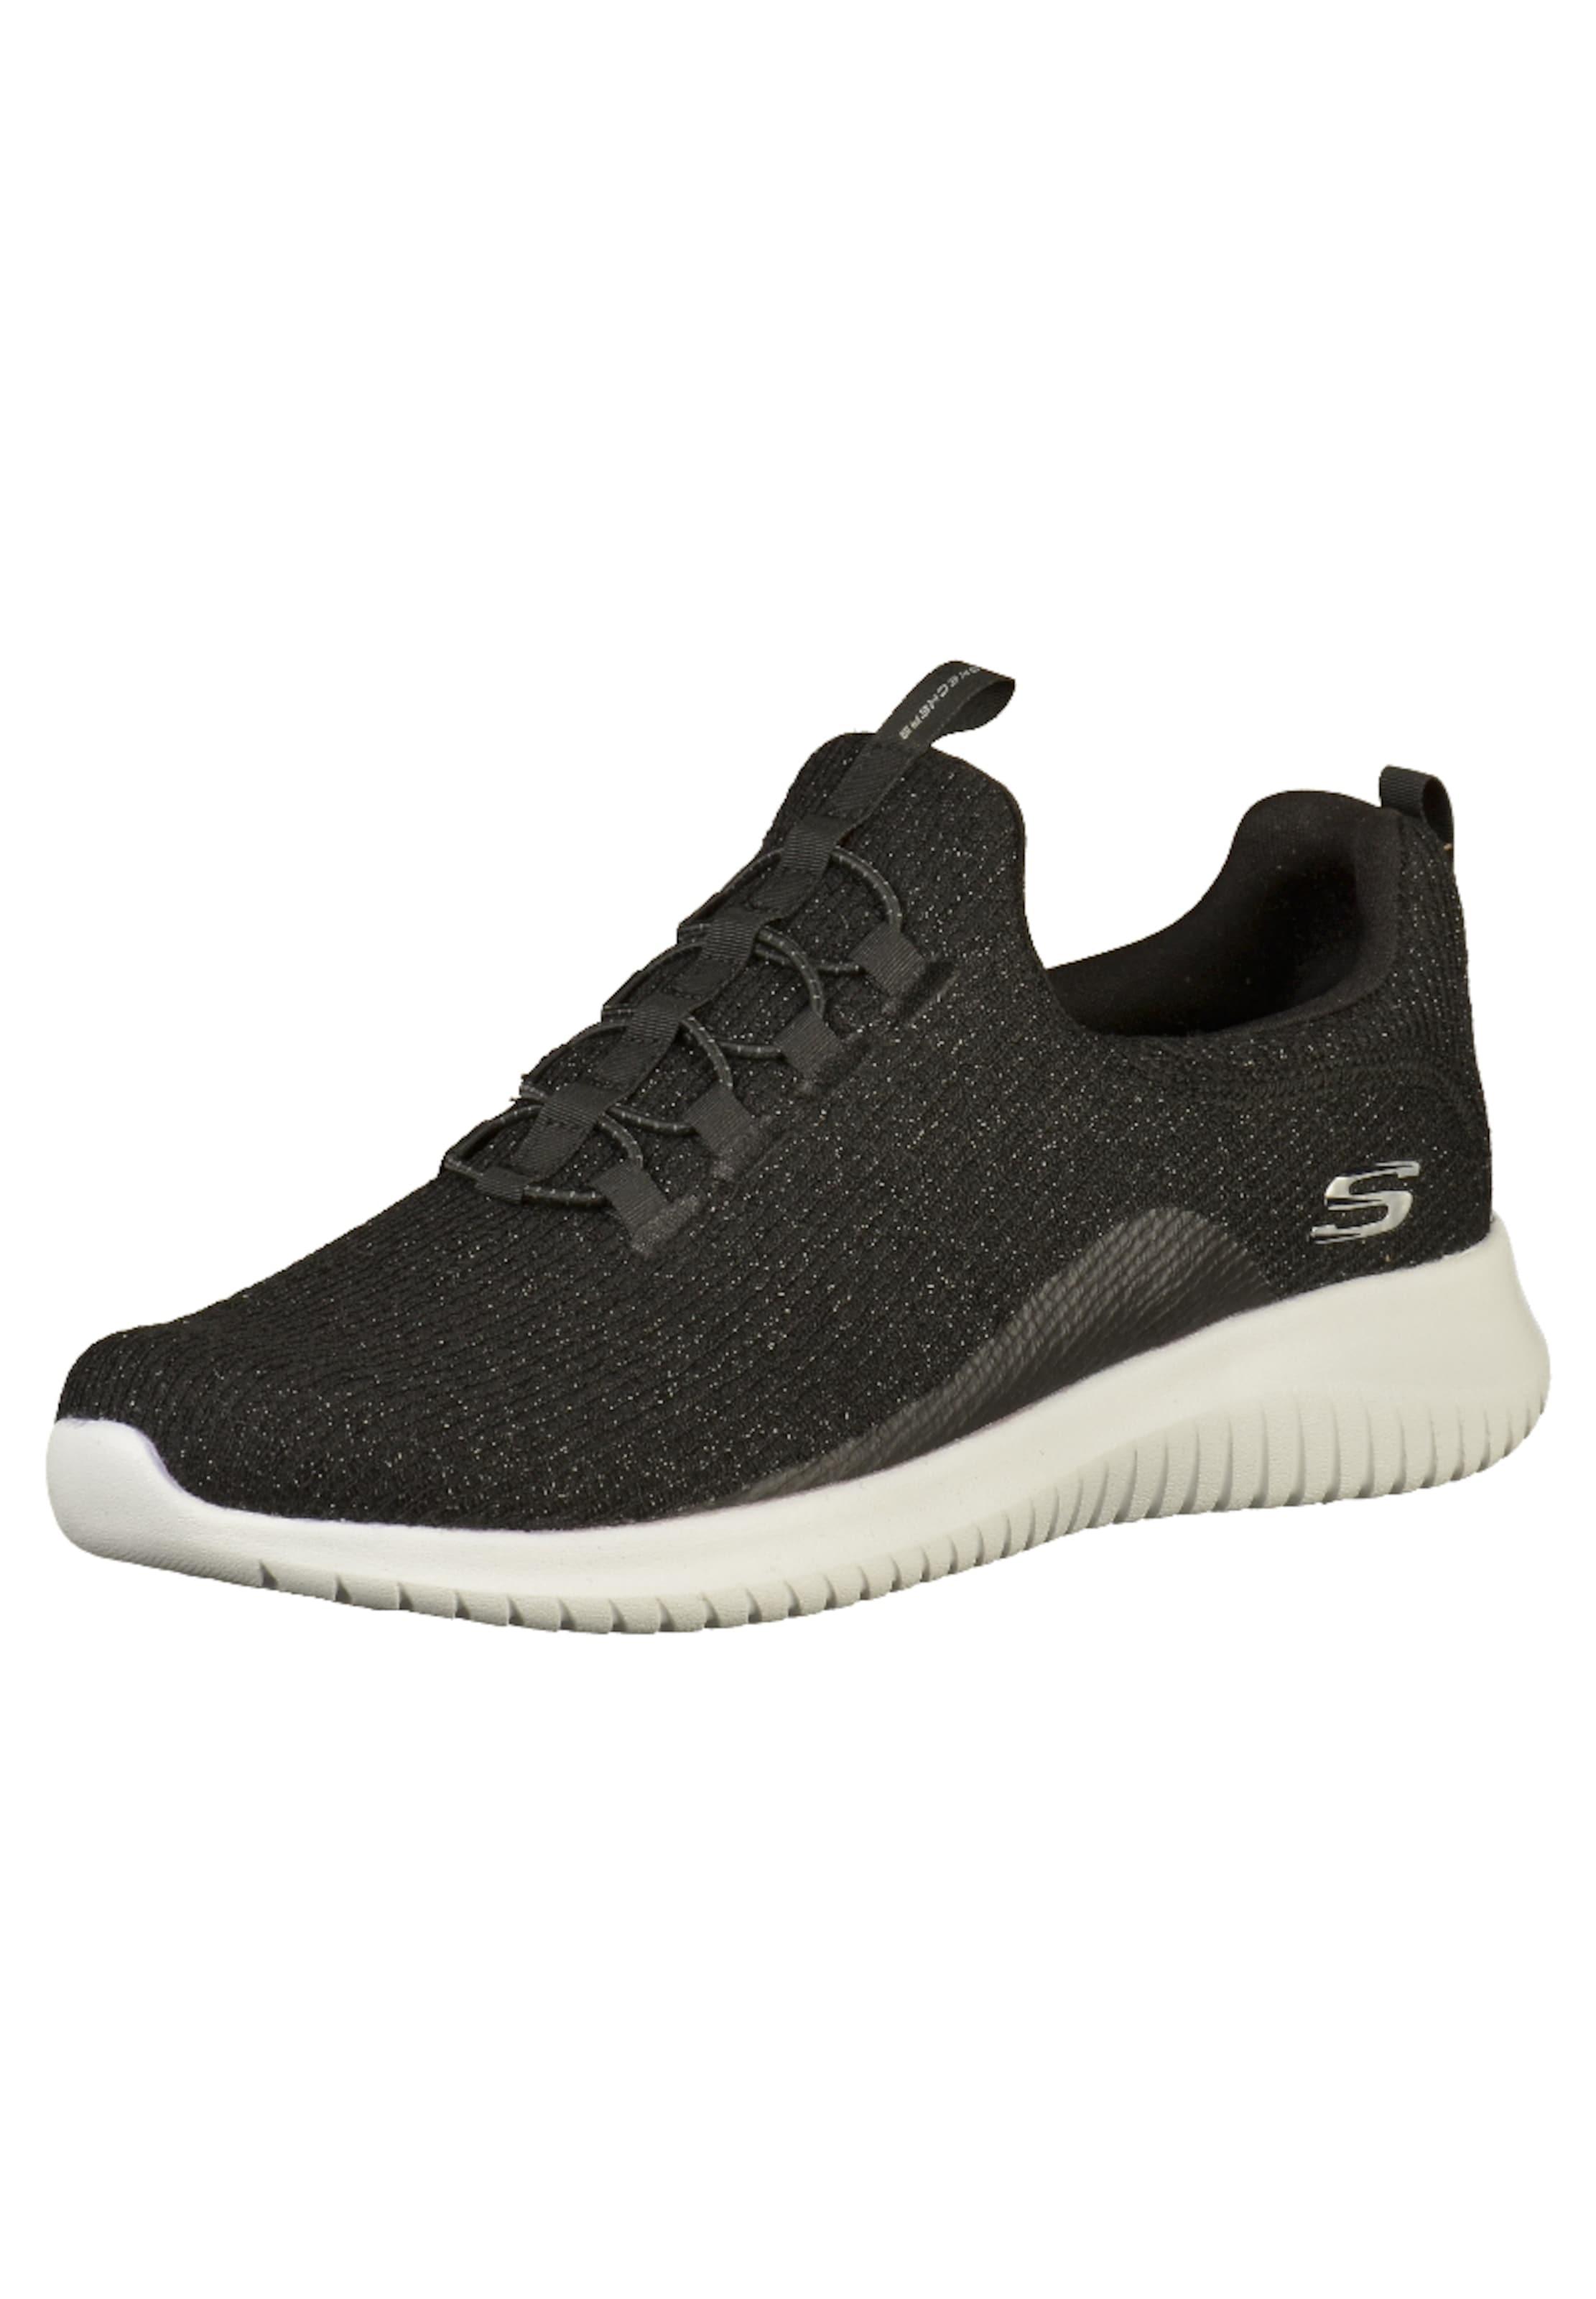 SKECHERS Sneaker Günstige und langlebige Schuhe